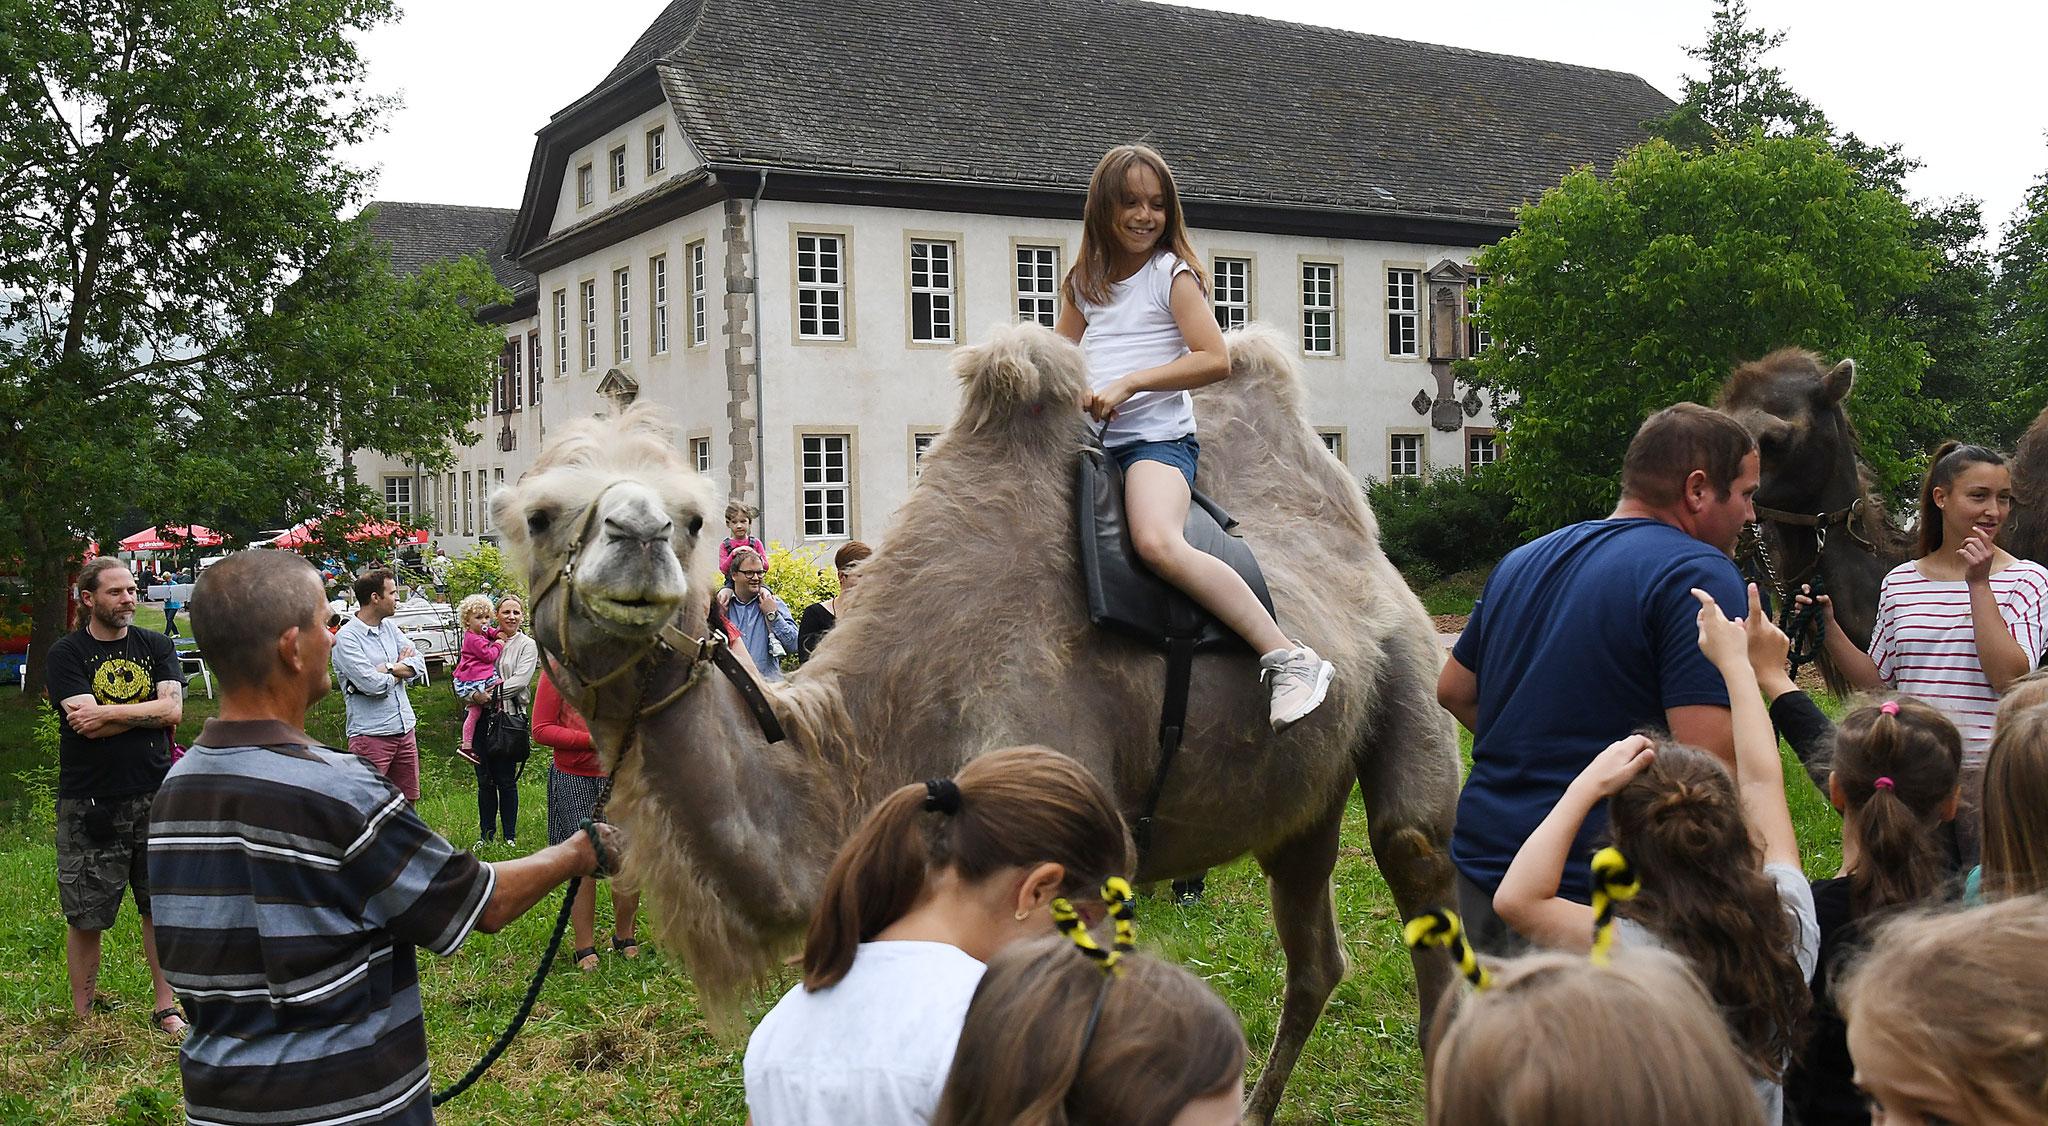 Kamelreiten im Klostergarten bringt die Kinderaugen zum Strahlen. Foto: Maria Hopp